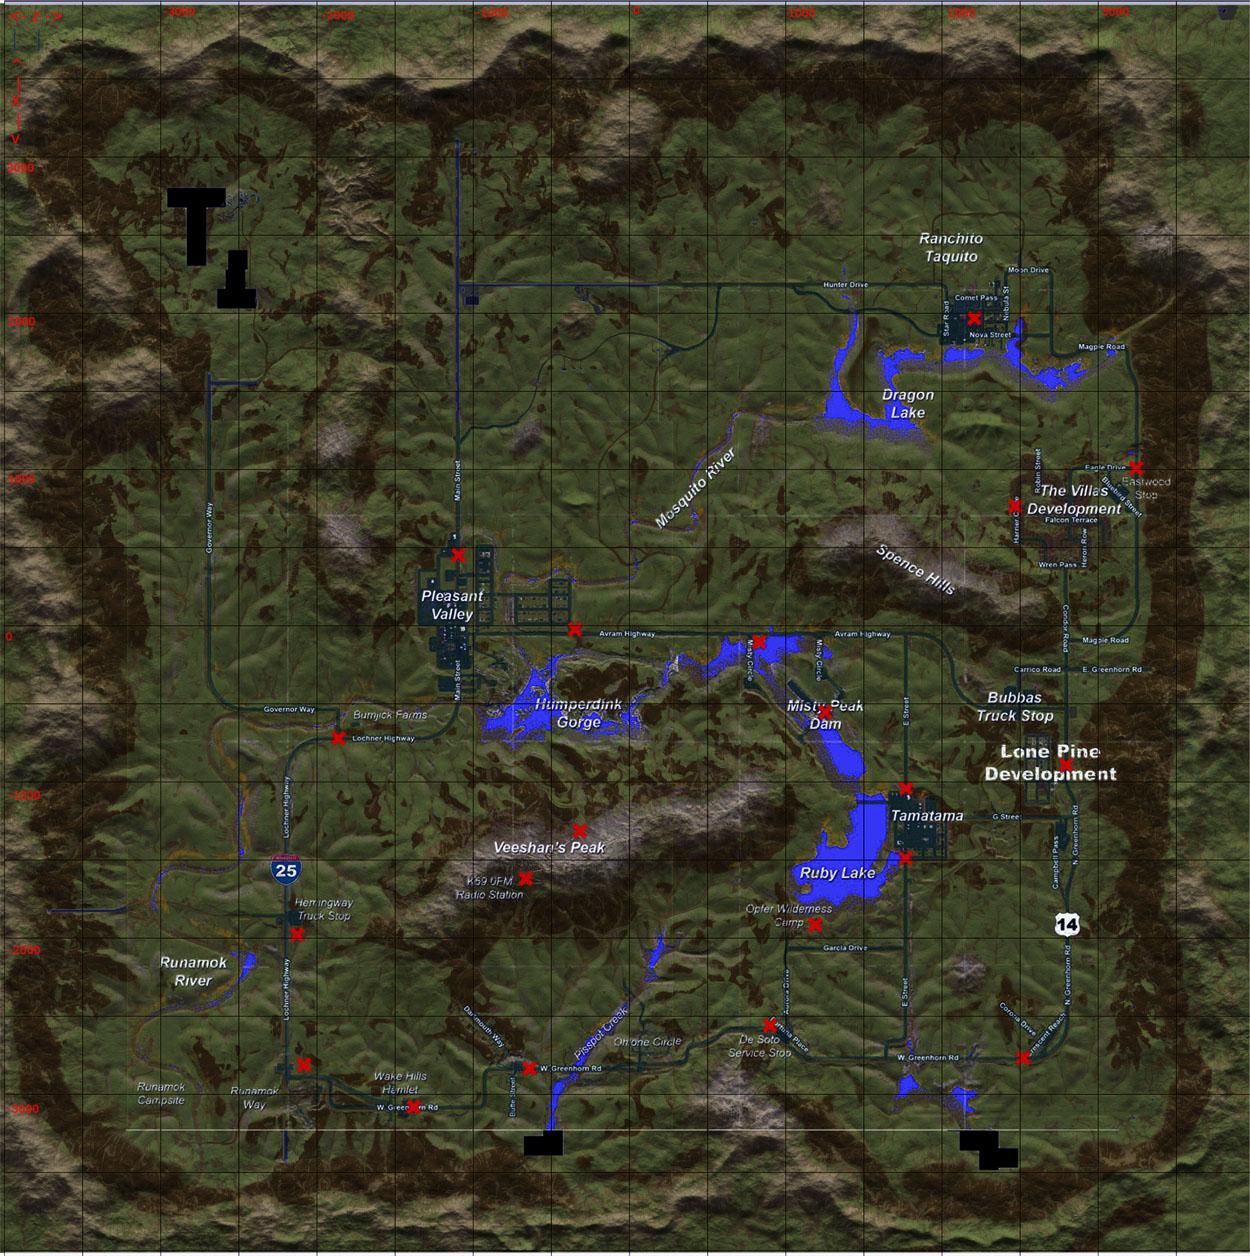 Карта H1Z1 или как найти своих друзей. - Форумы - обсуждение ...